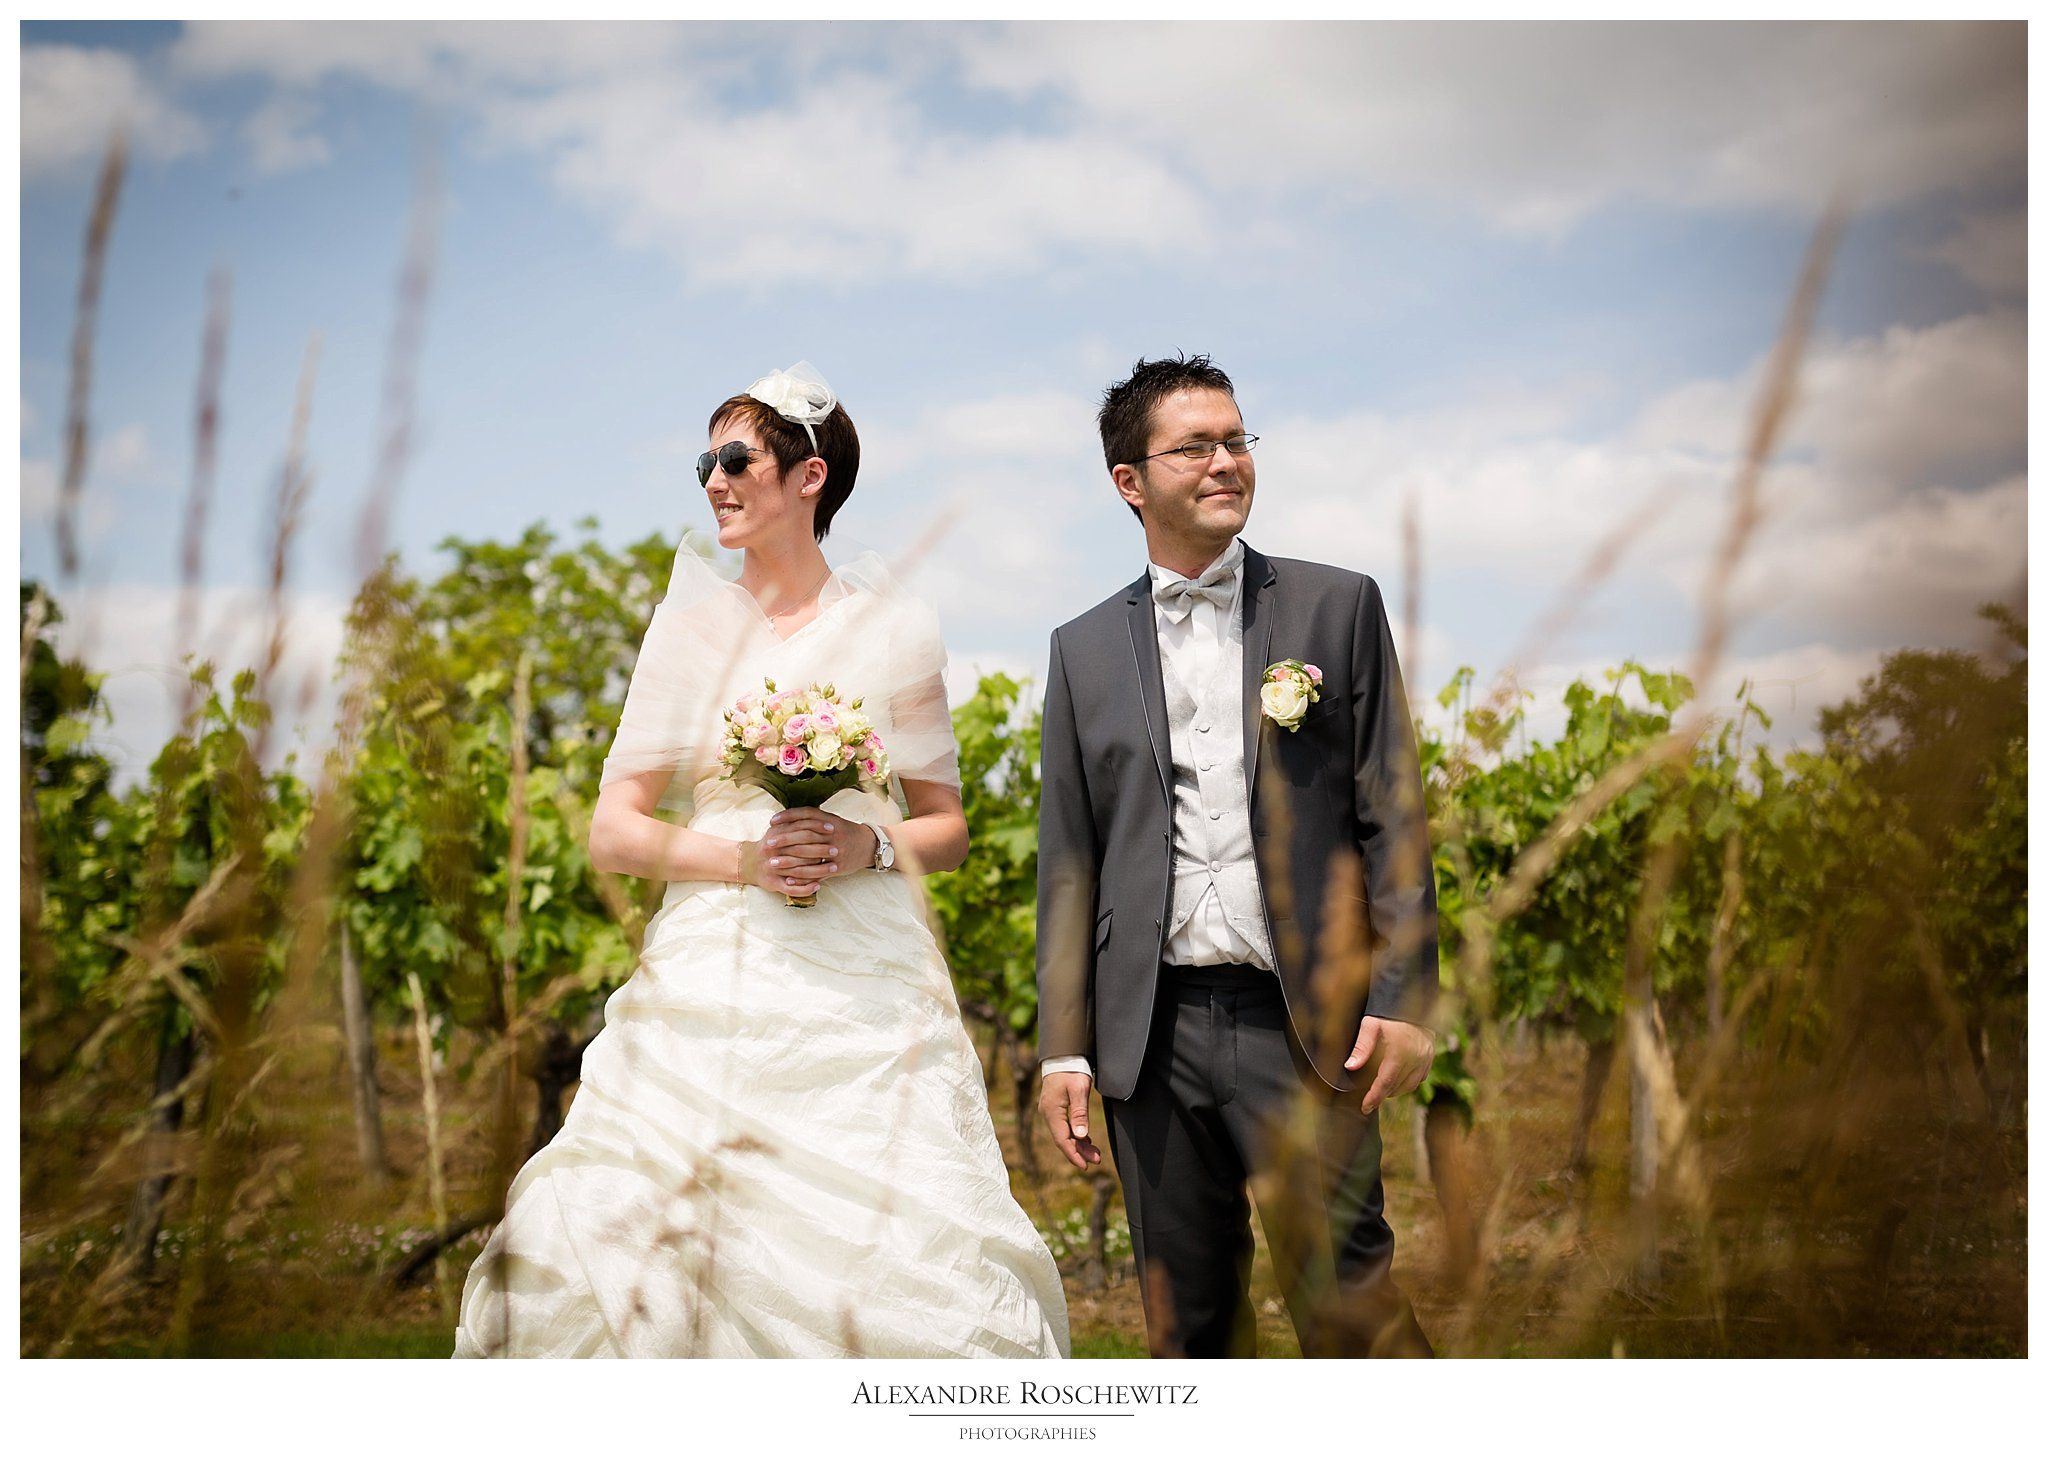 Un aperçu des photos du mariage de Julie et Pierre-Yves à Bréville, puis au Quai des Pontis à cognac. Alexandre Roschewitz Photographies